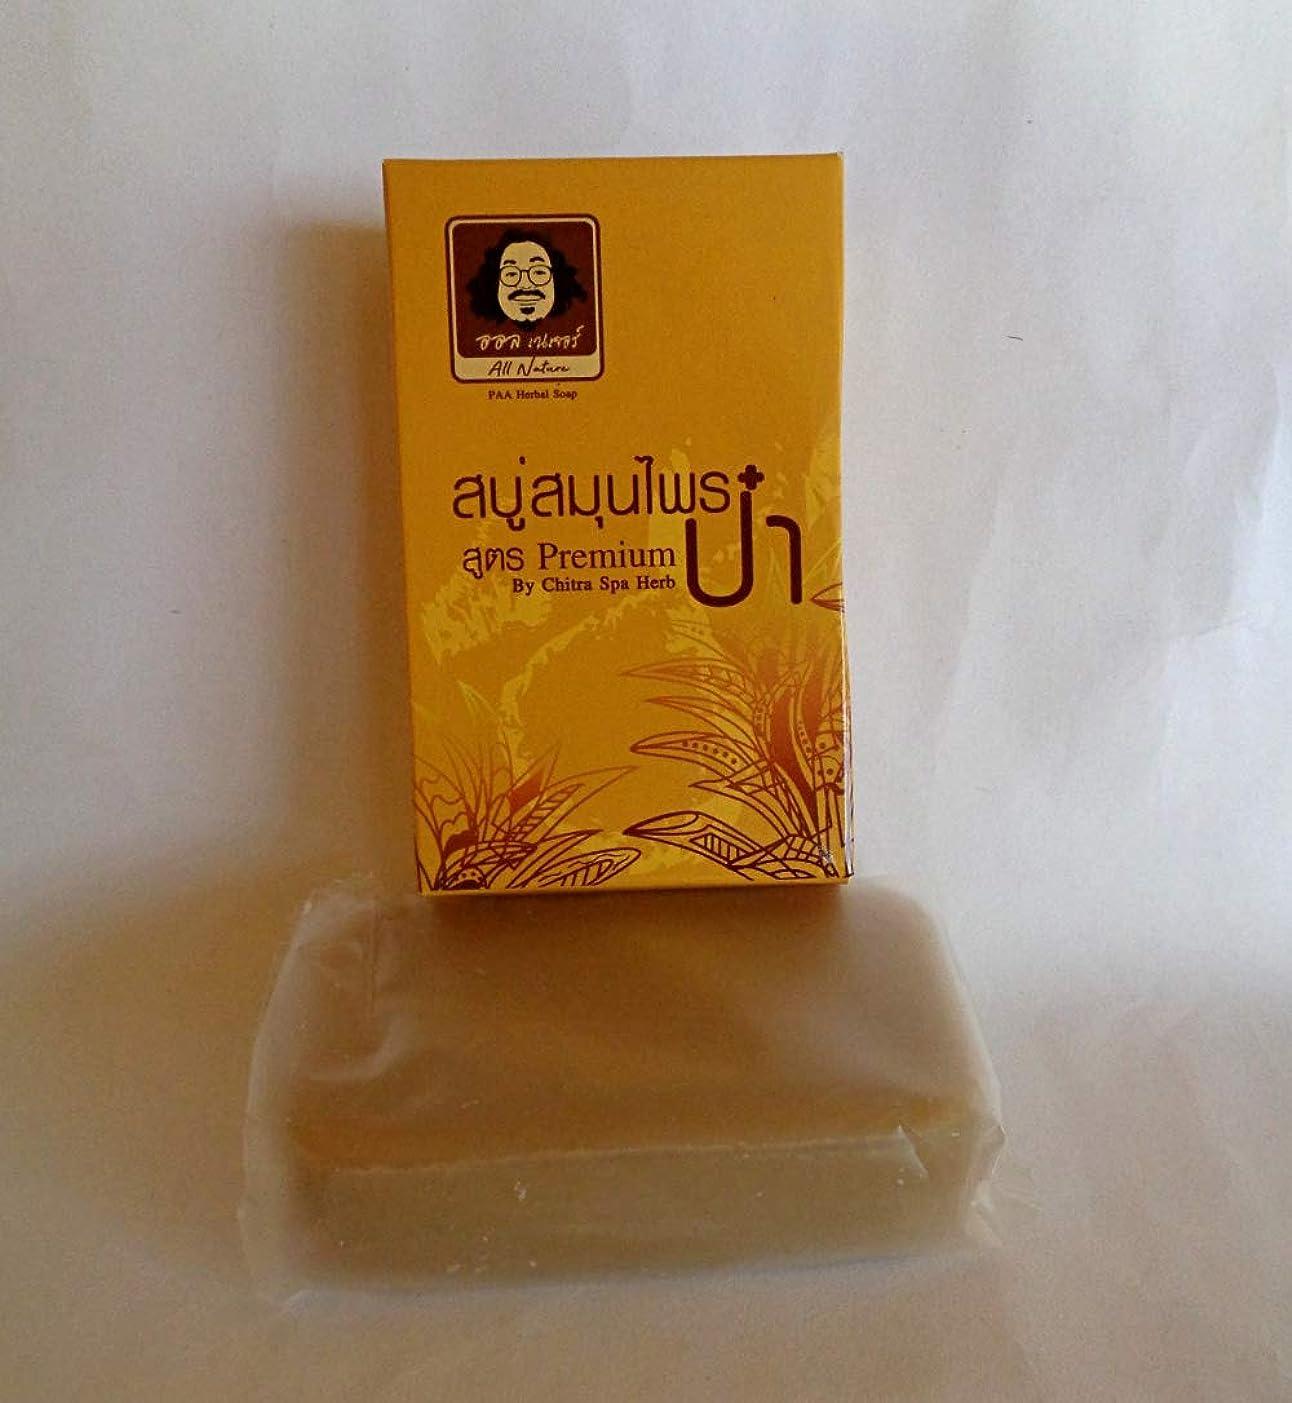 賠償脅迫九月Paa Herbal soap all nature chemical free Premium Fomula ハーバルソープオールケミカルフリープレミアムフォーミュラ 100 g.